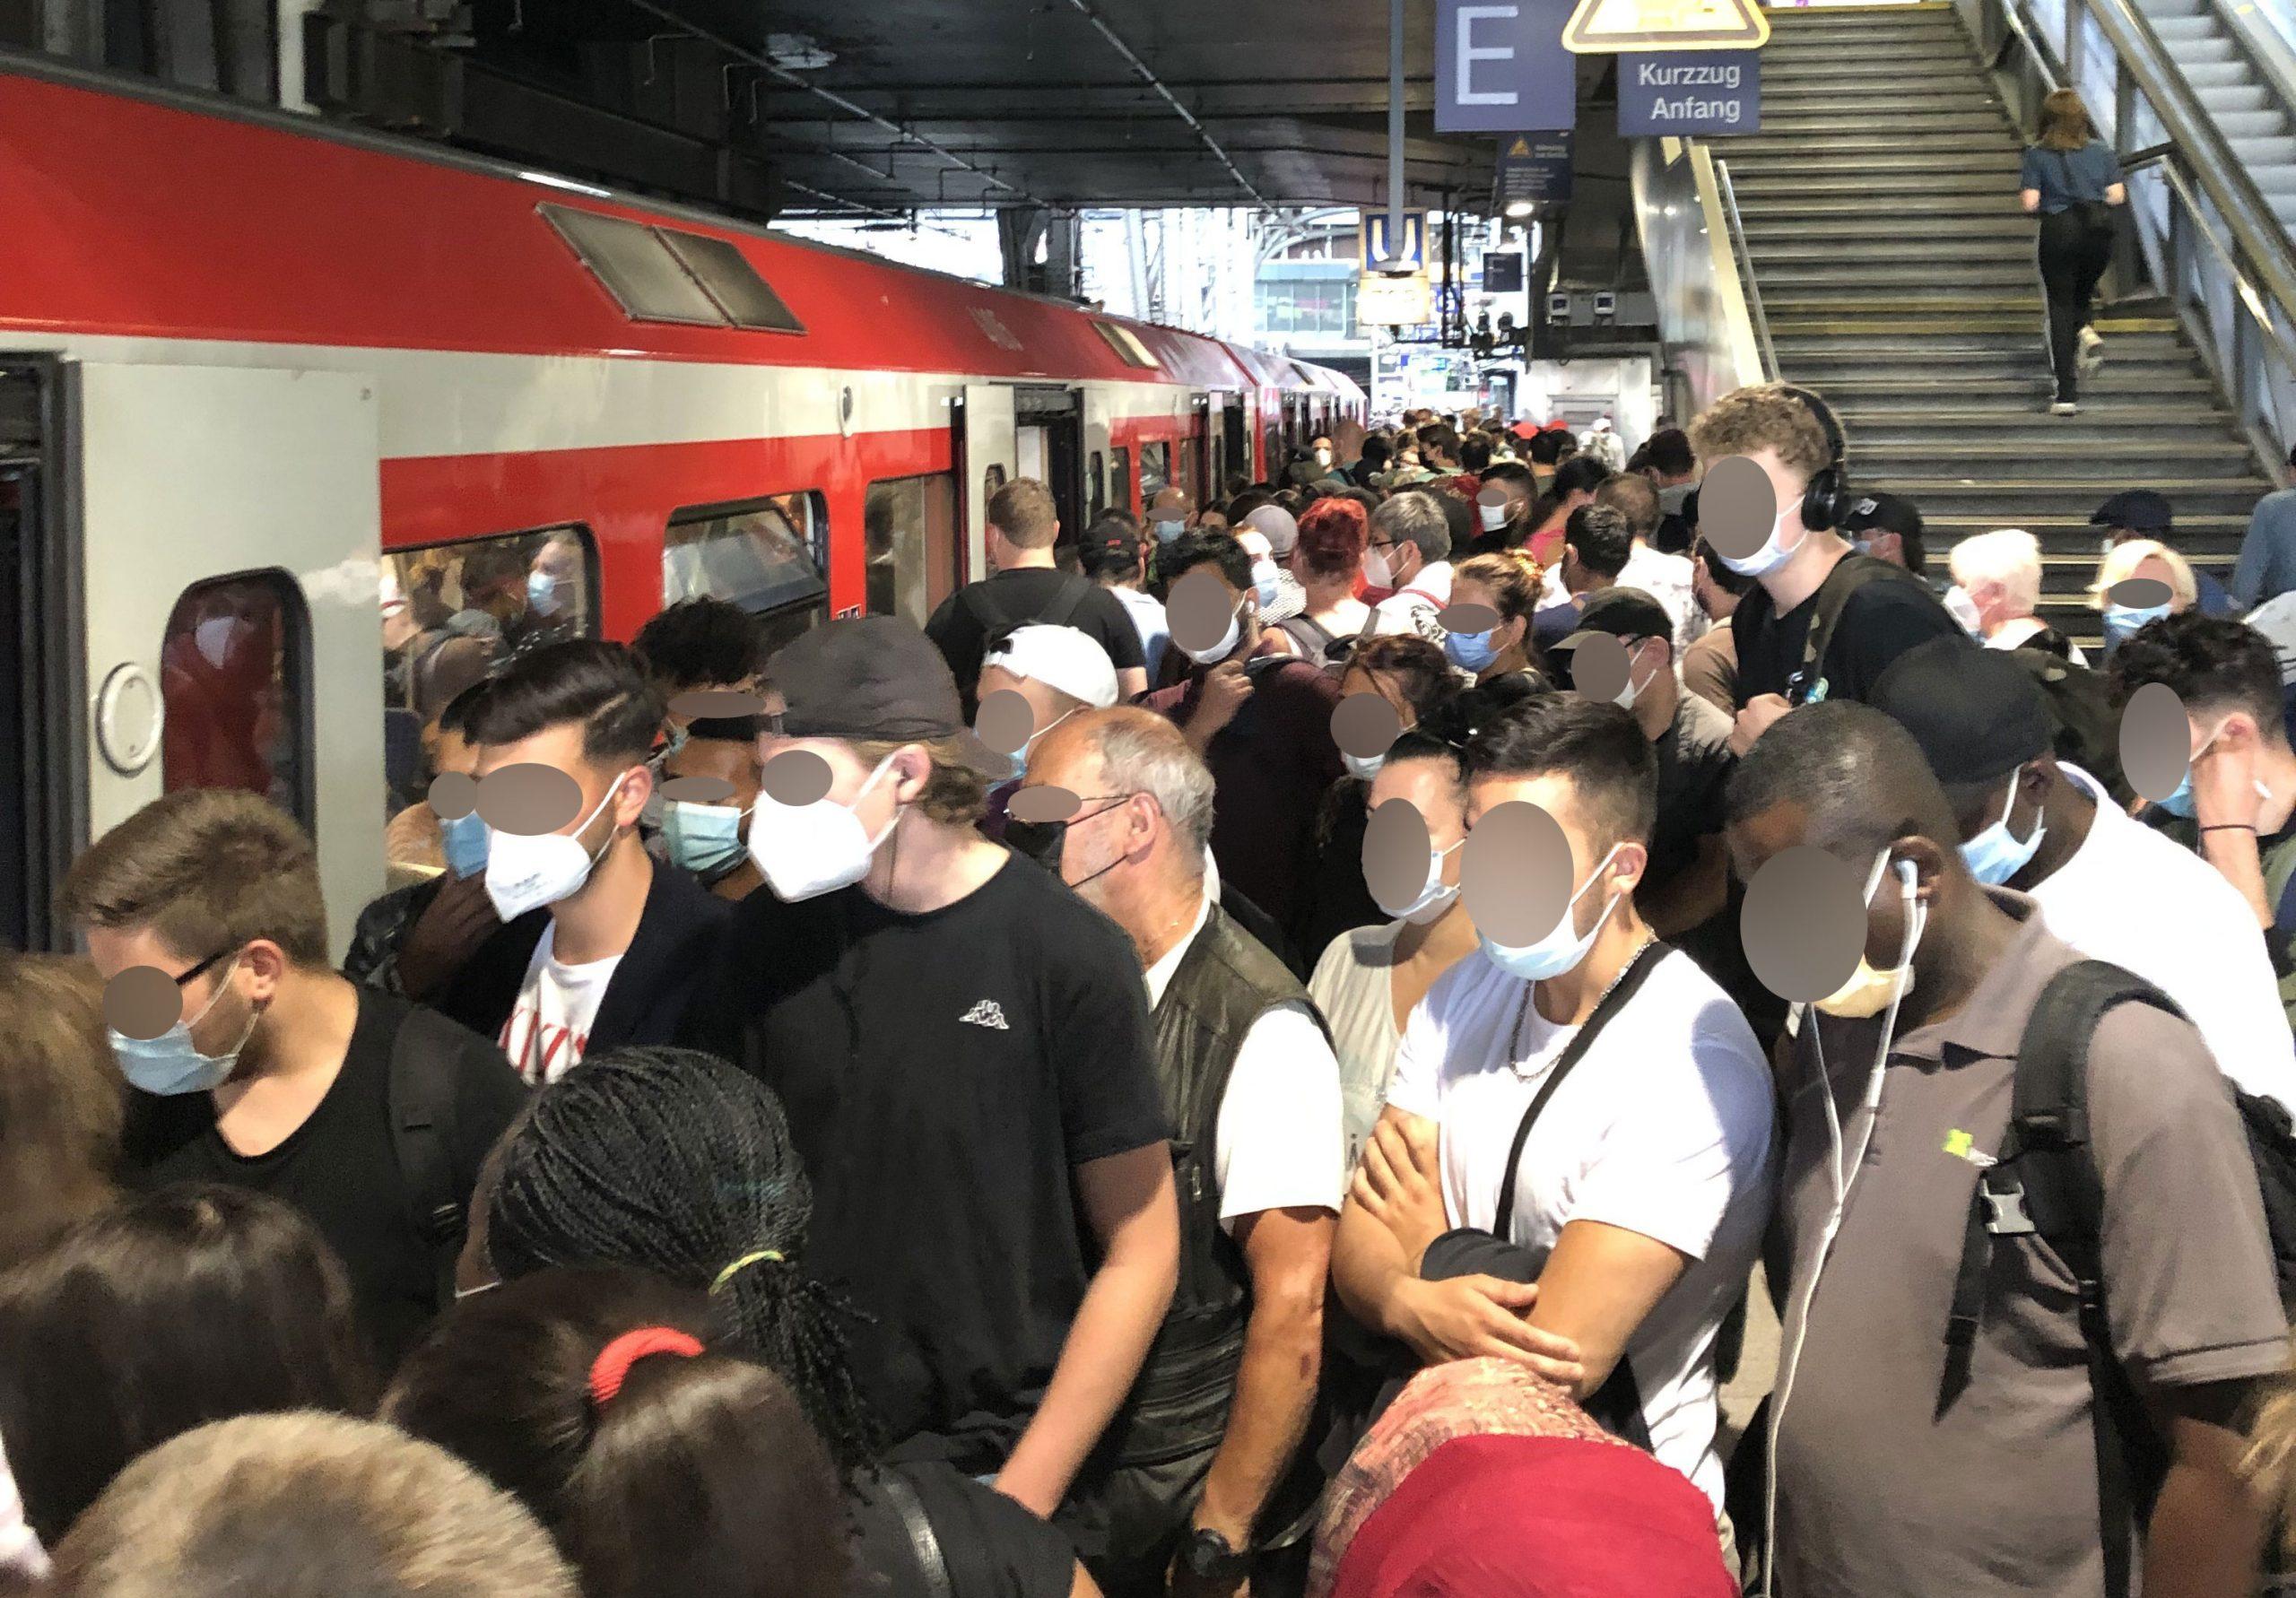 Bahnreisende beim Einsteigen in die S-Bahn am Hauptbahnhof